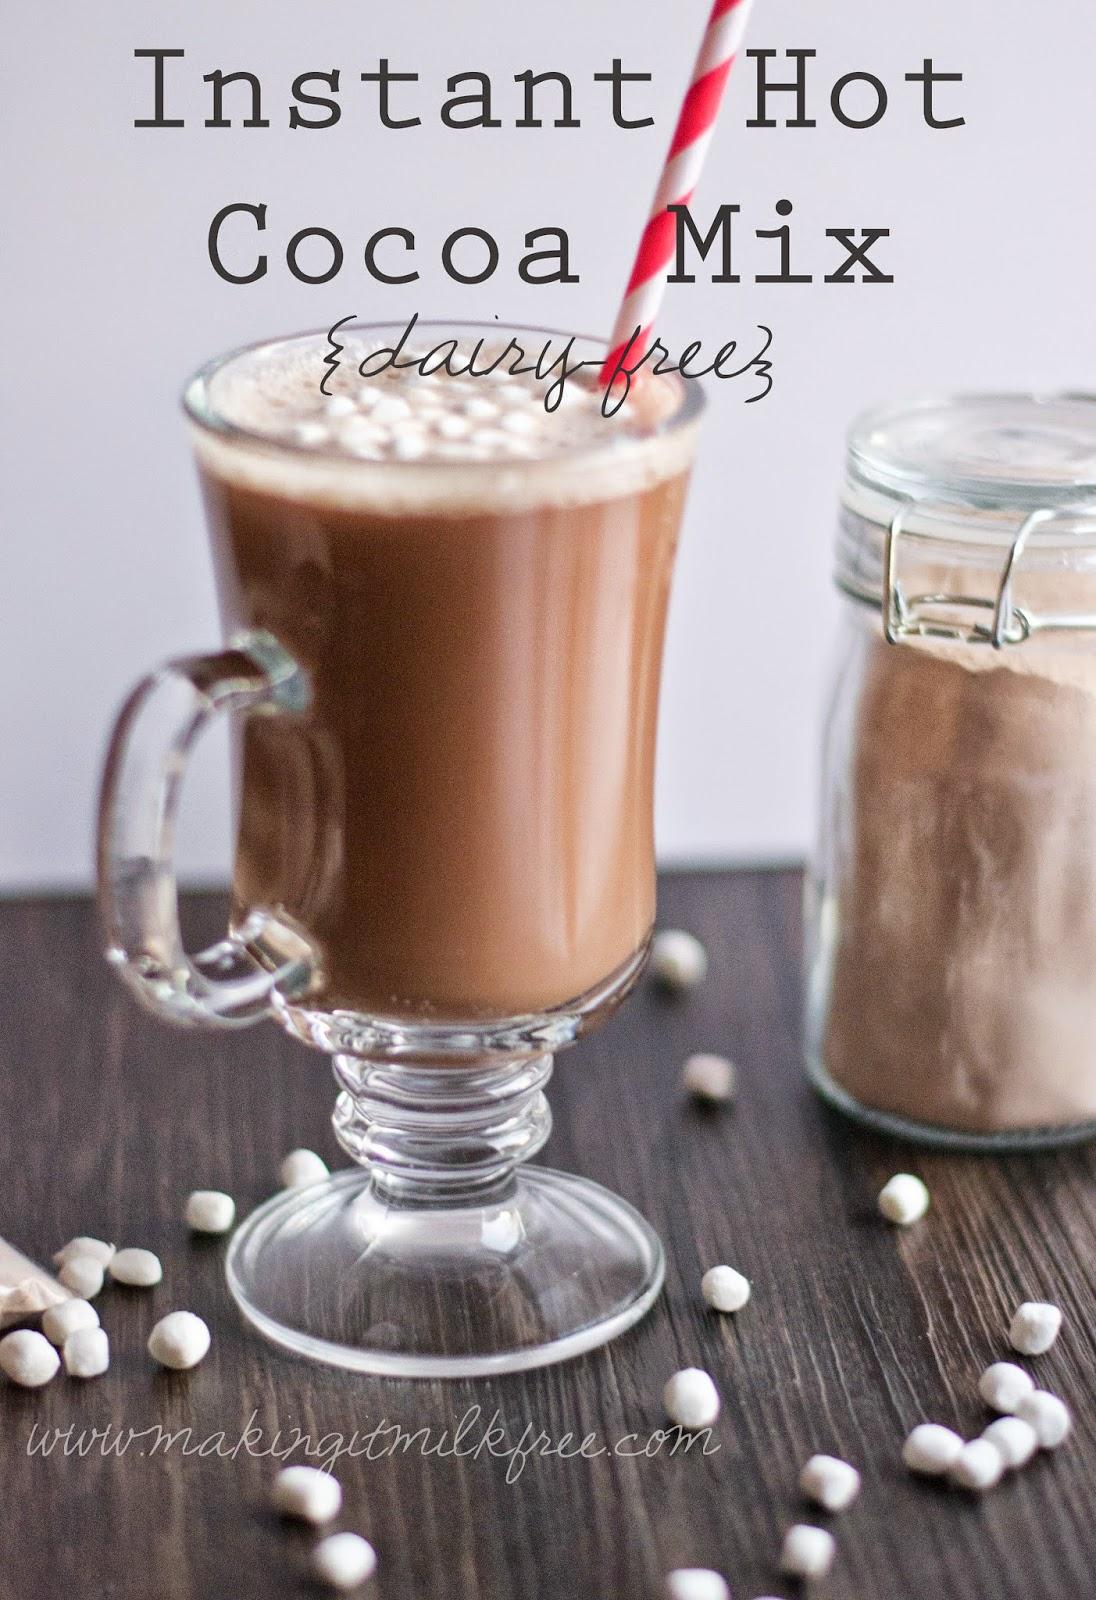 #dairyfree #hotcocoa